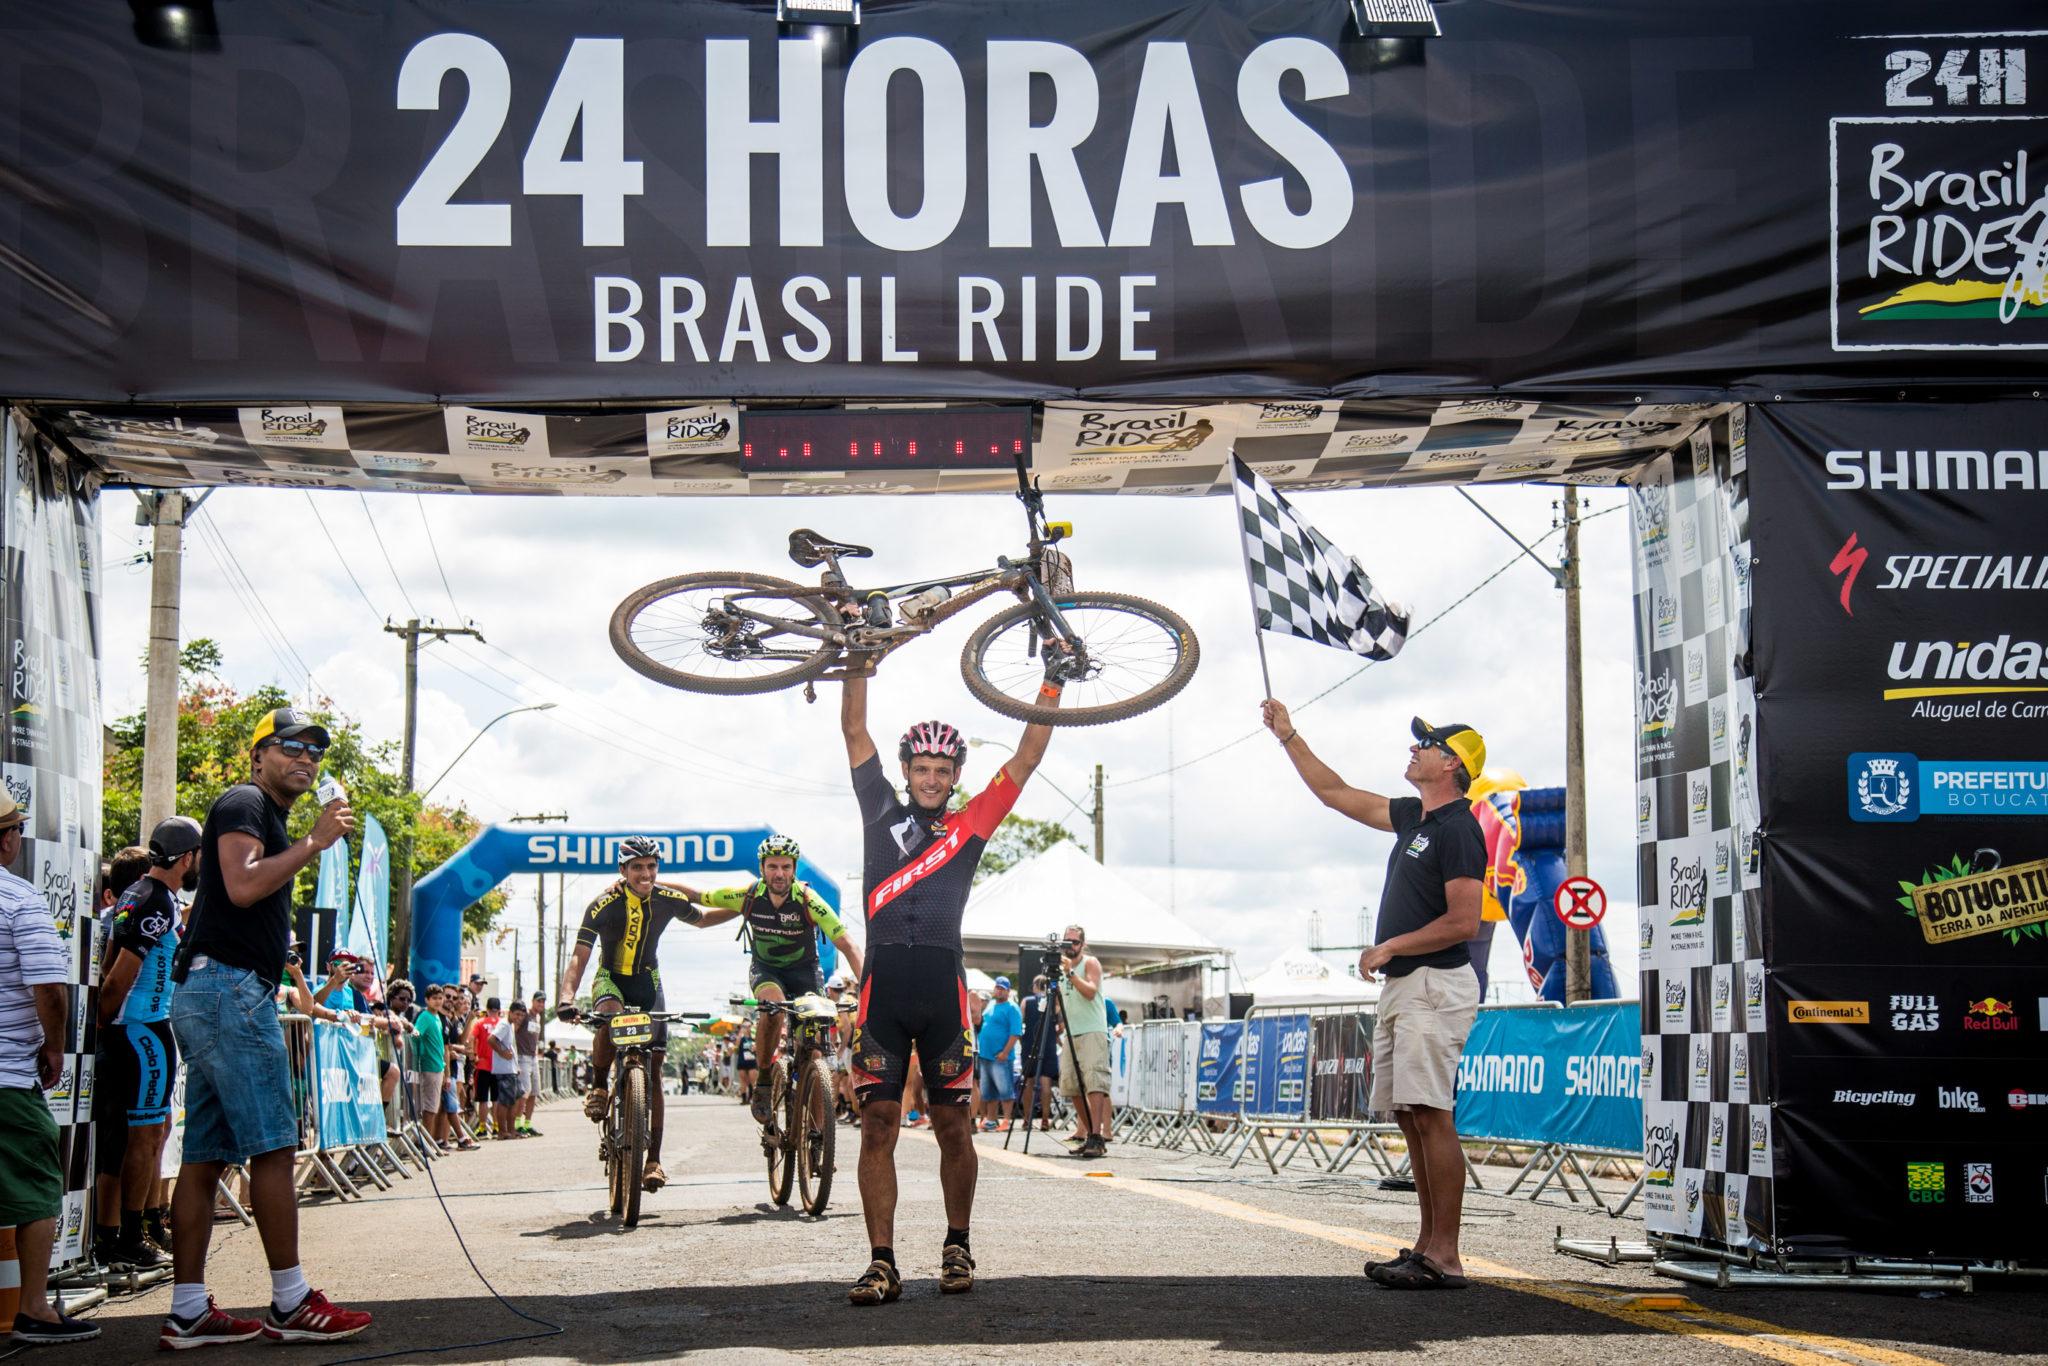 Carlos Henrique comemora vitória na solo masculina (Fabio Piva / Brasil Ride)